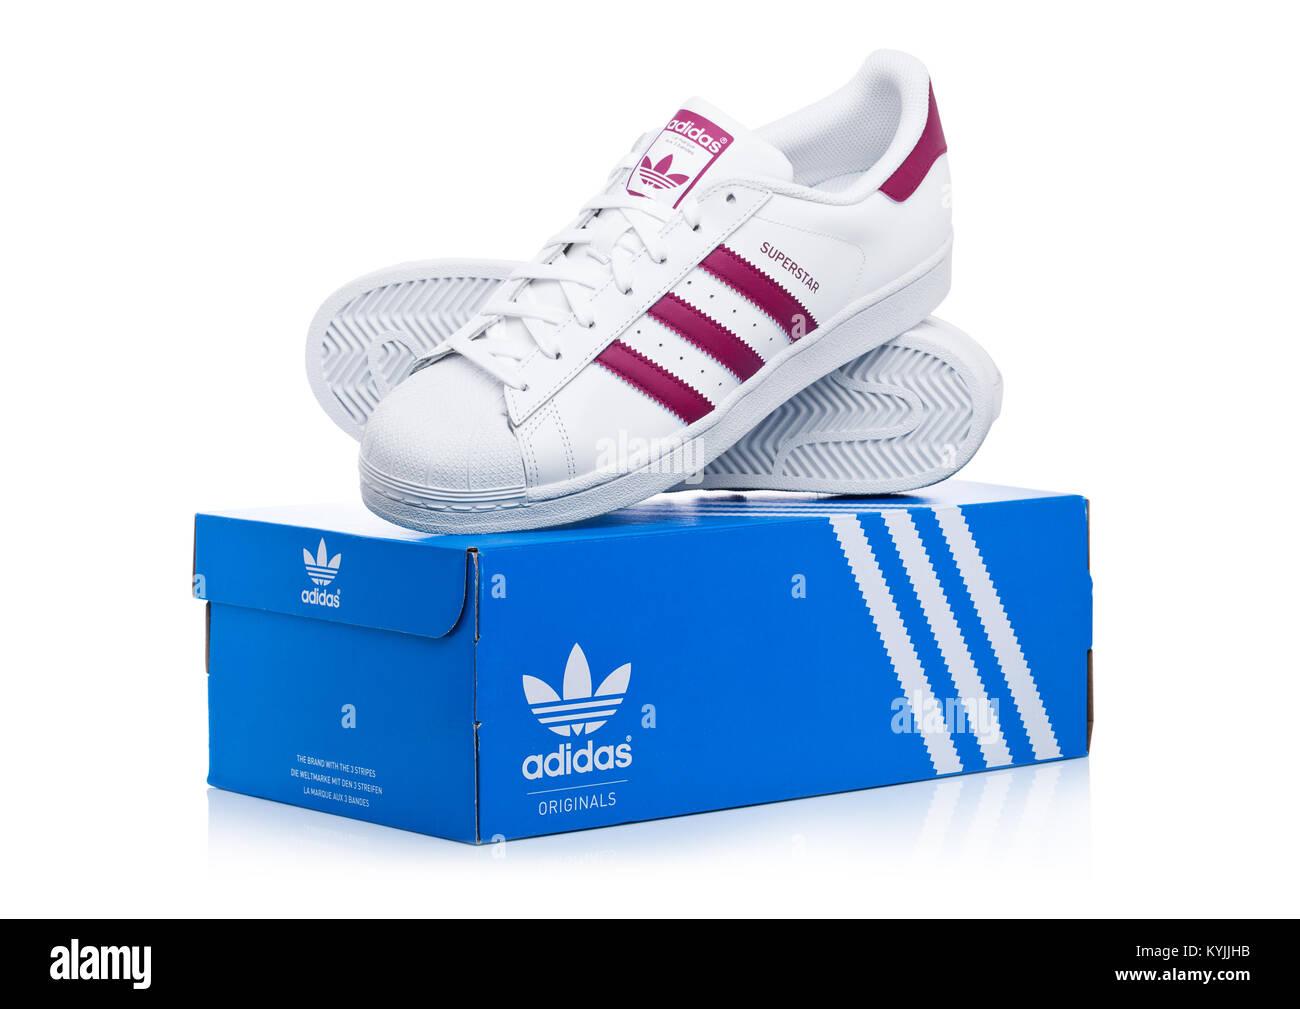 Unido De Londres Originales 2018 12 Adidas Enero Reino 6zw5qTwxU7